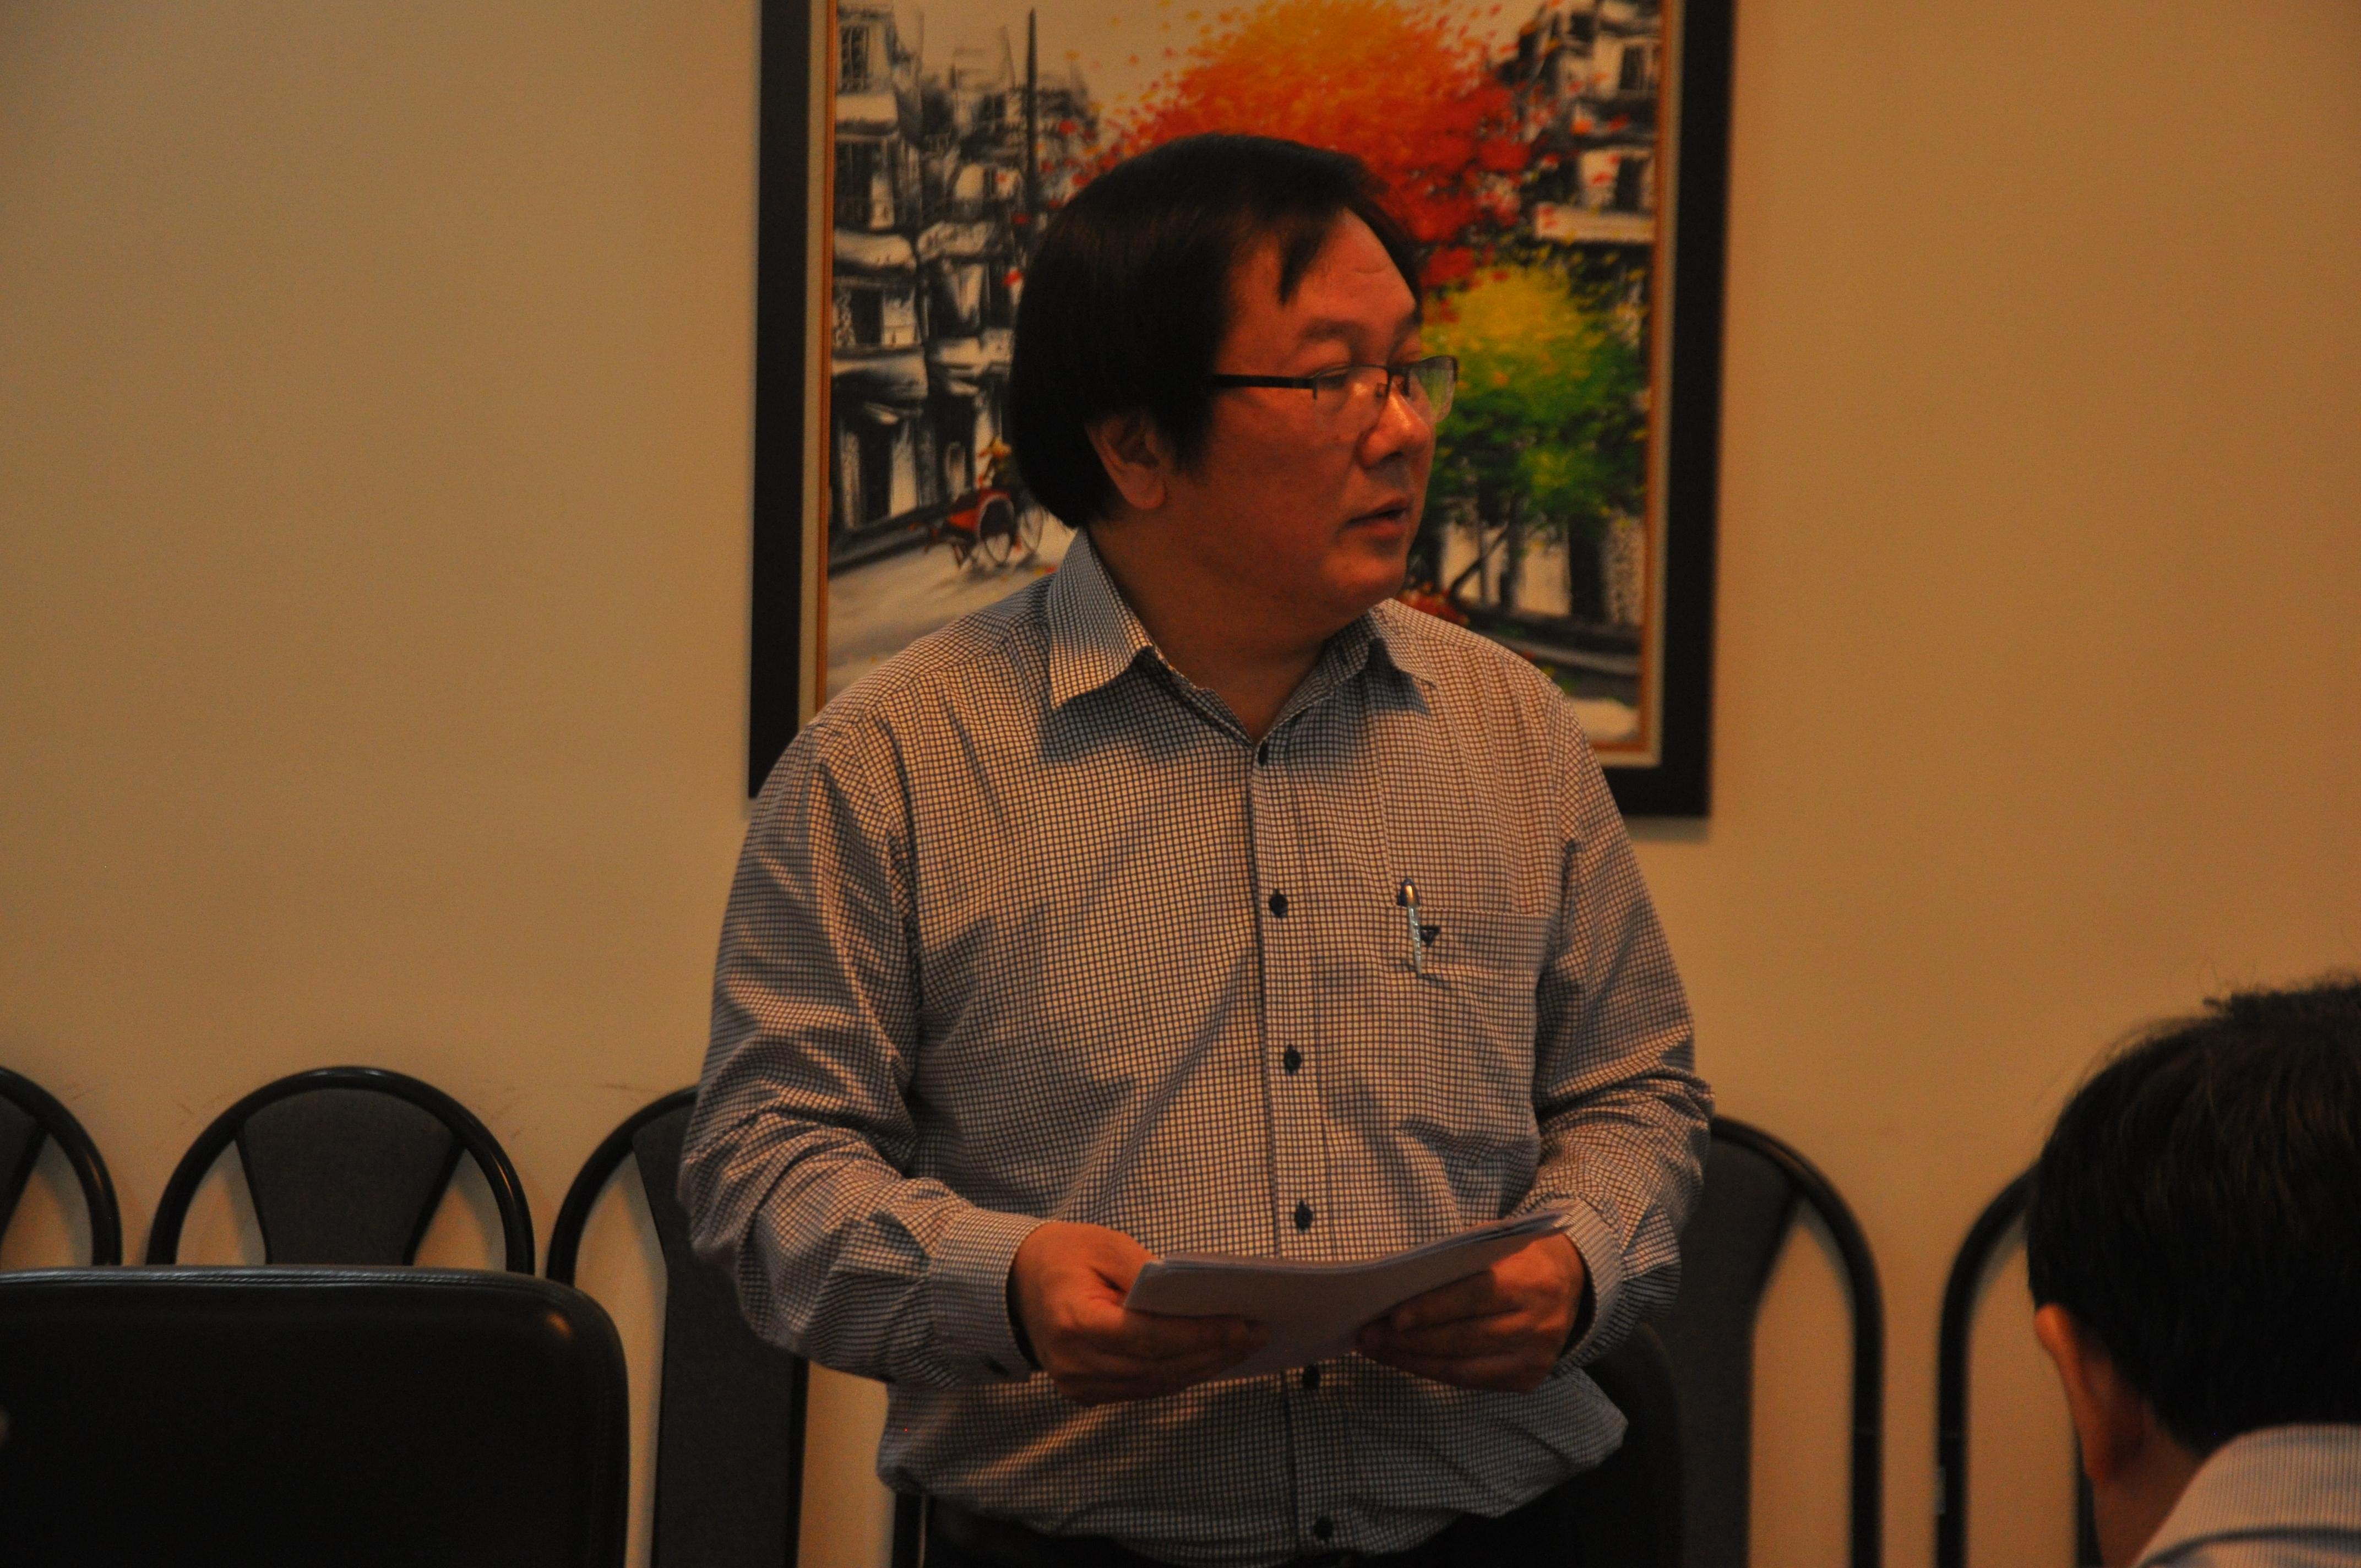 Chủ tịch Hội đồng - Viện trưởng Viện Kiến trúc Quốc gia Đỗ Thanh Tùng